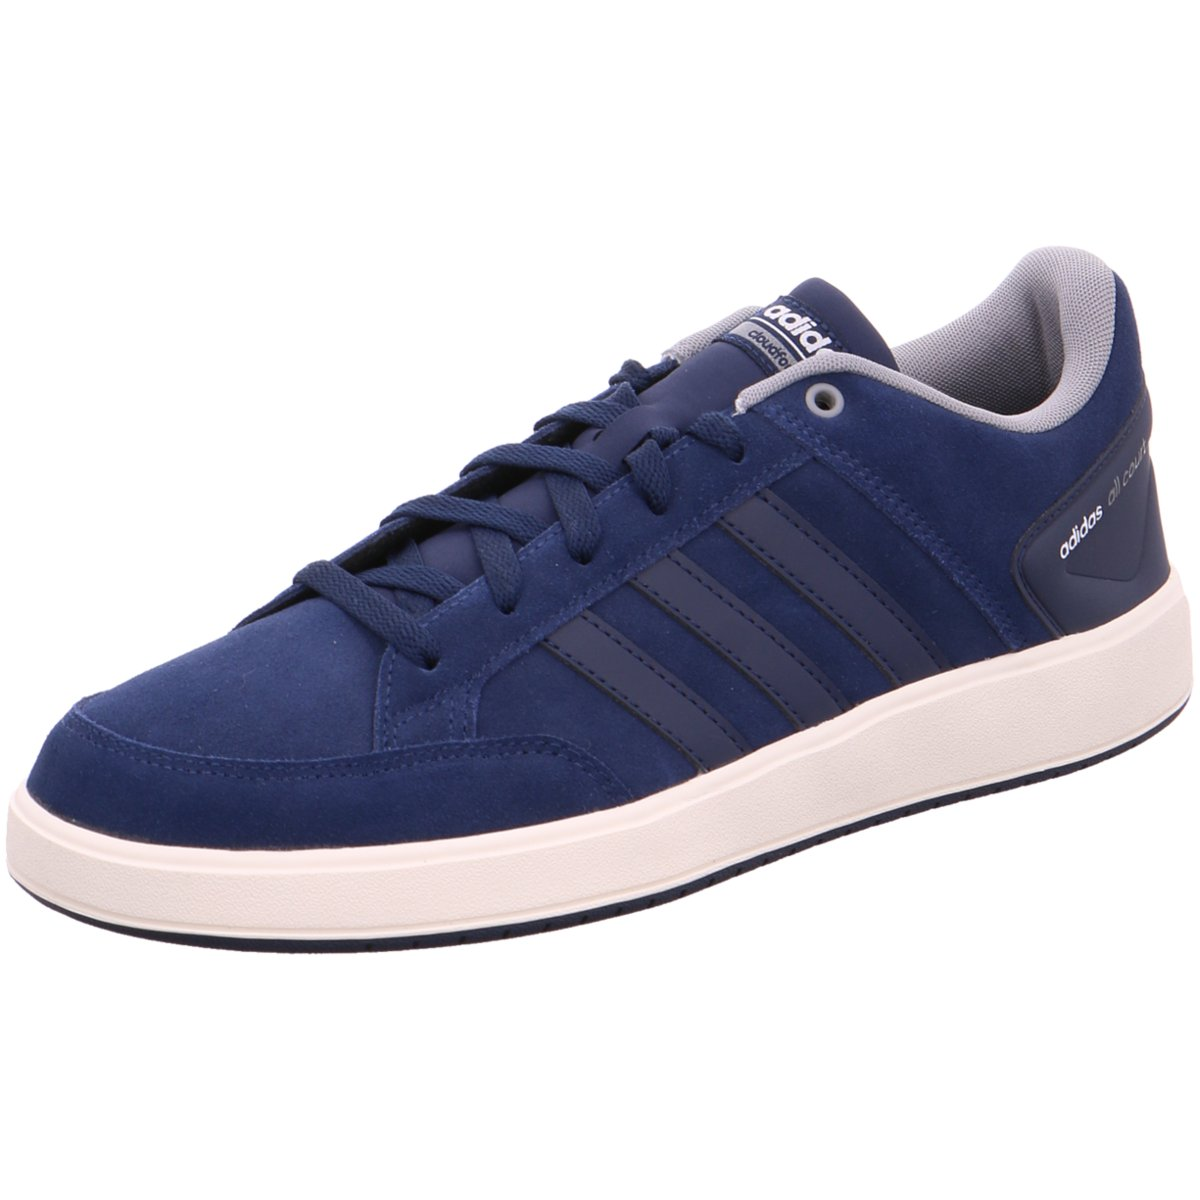 NEU adidas Herren Sneaker CF ALL COURT BB9931/000 blau 343613